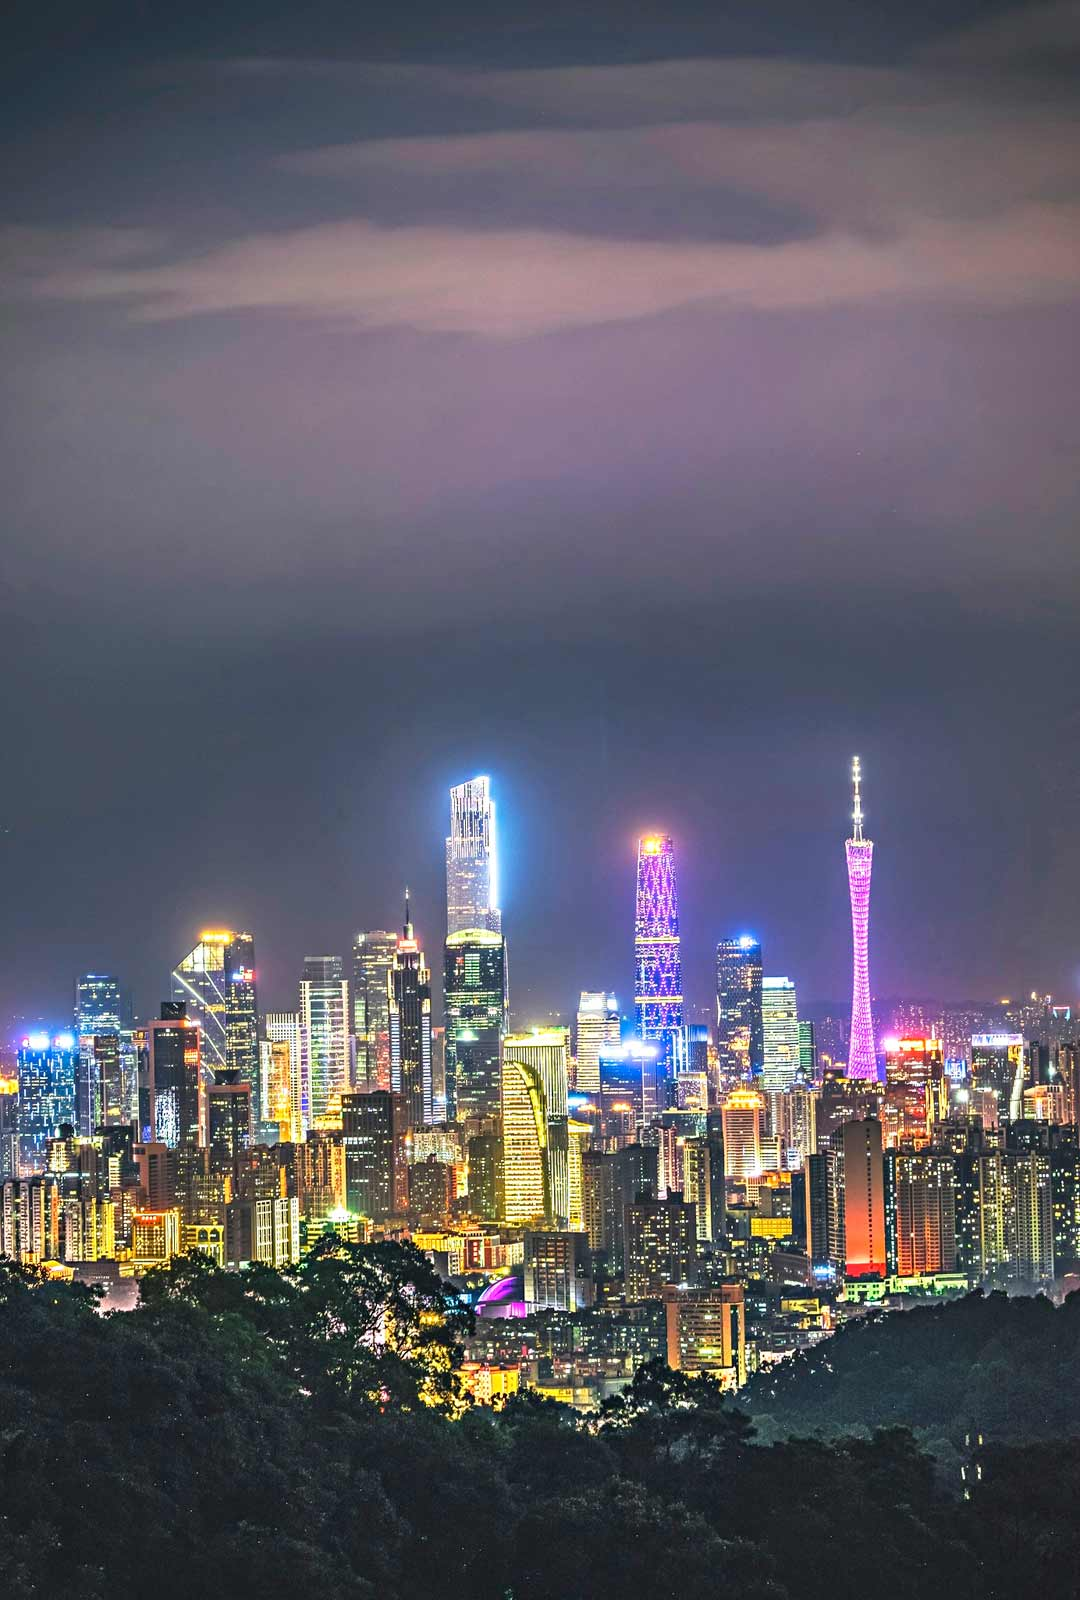 Öiseen aikaan Kantonin keskusta tursuaa neonvaloja. Oikealla näkyvä Kantonin tv-torni on kaupungin ylpeys.